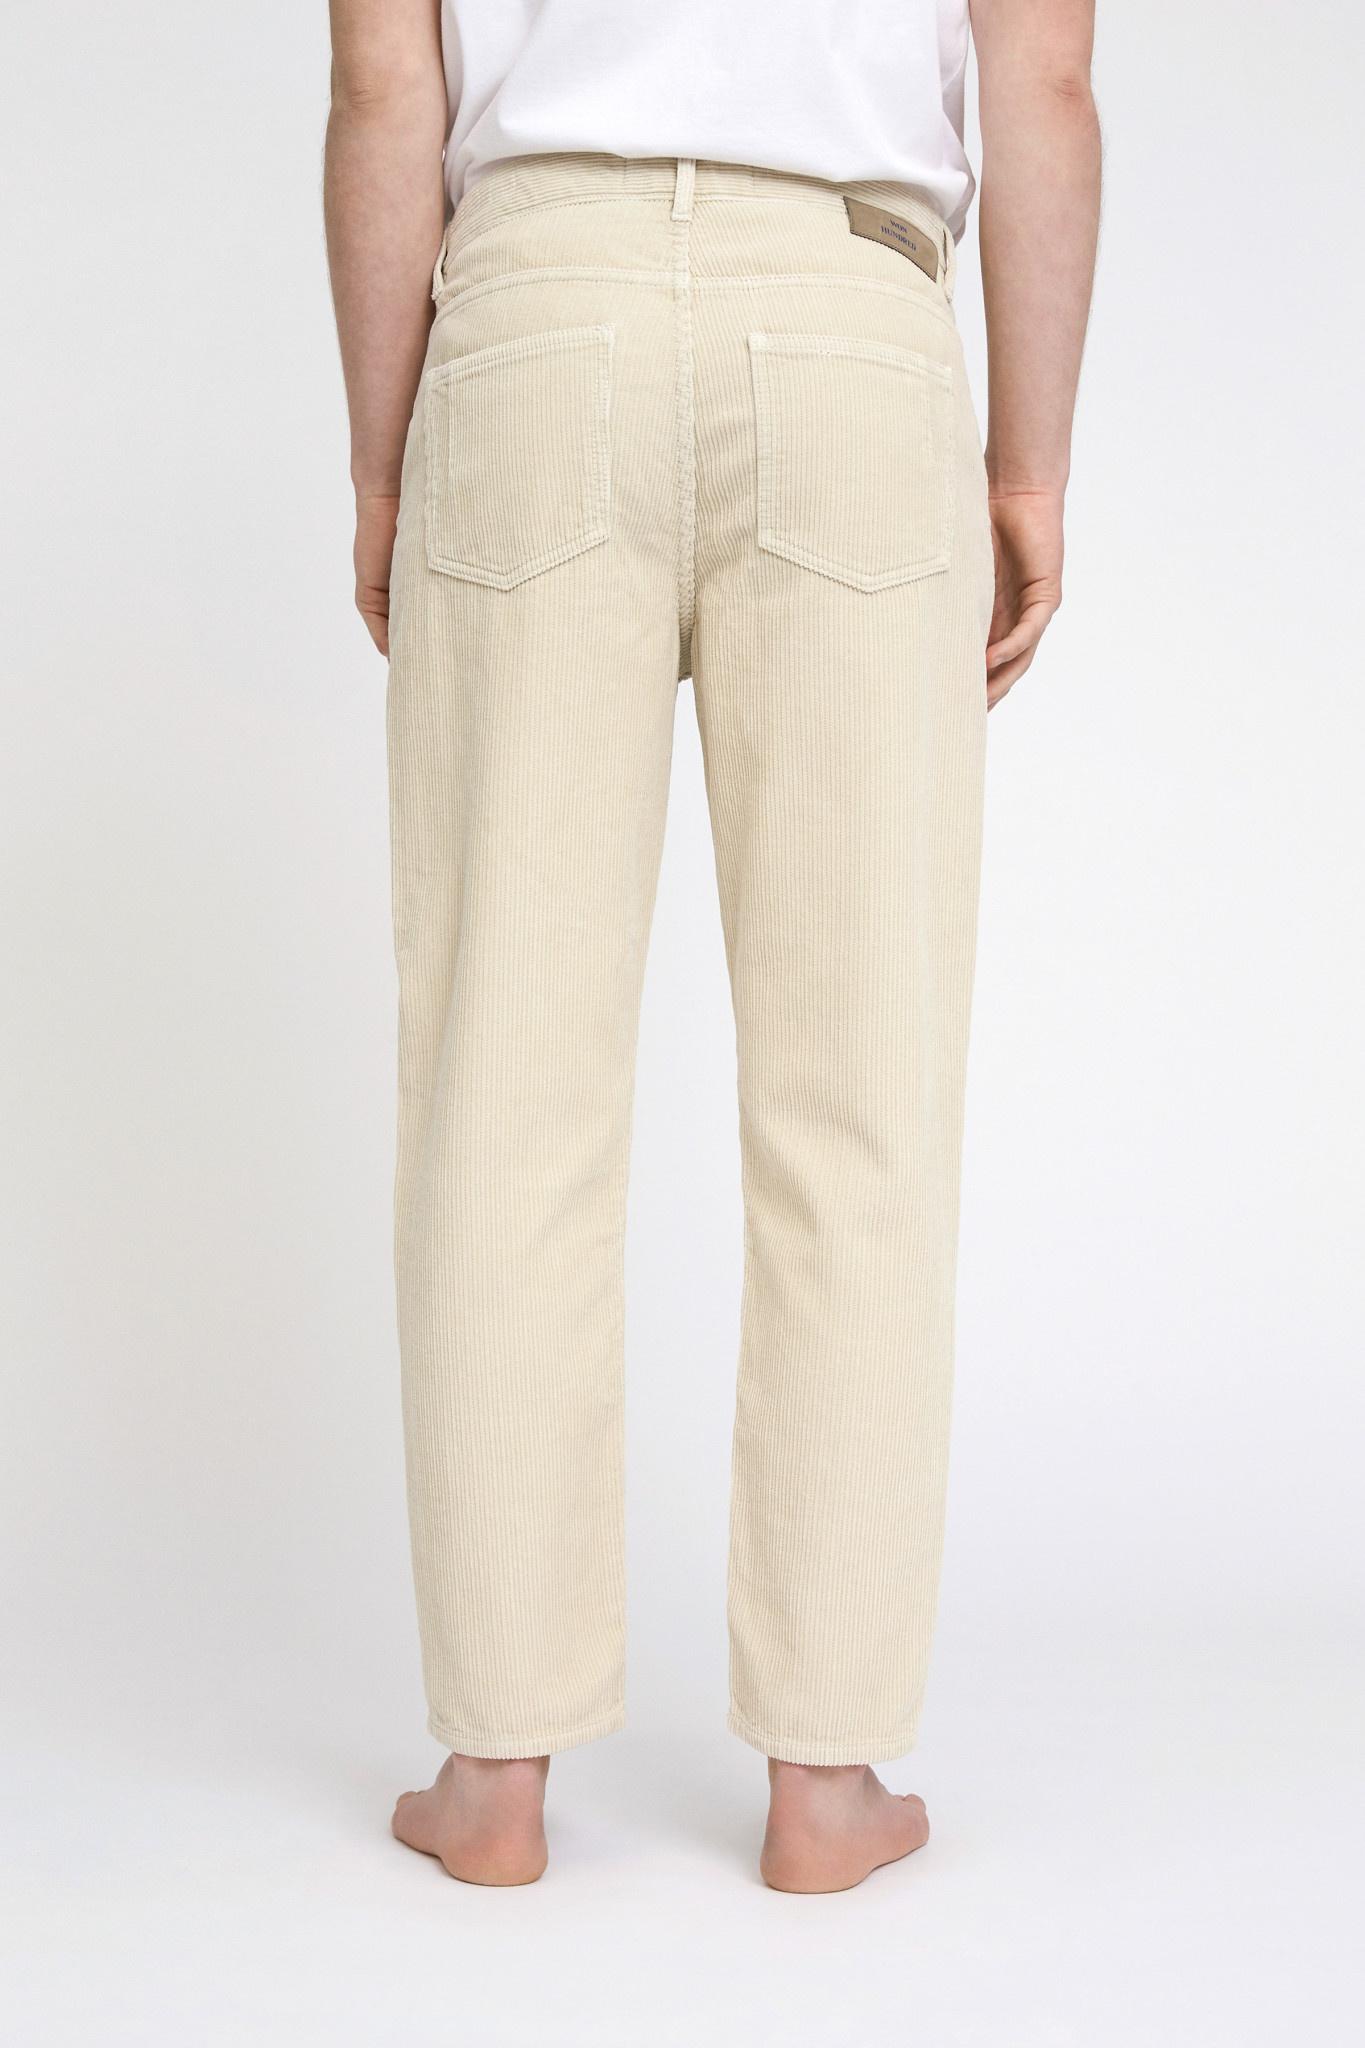 Ben Corduroy Jeans - Cream-2